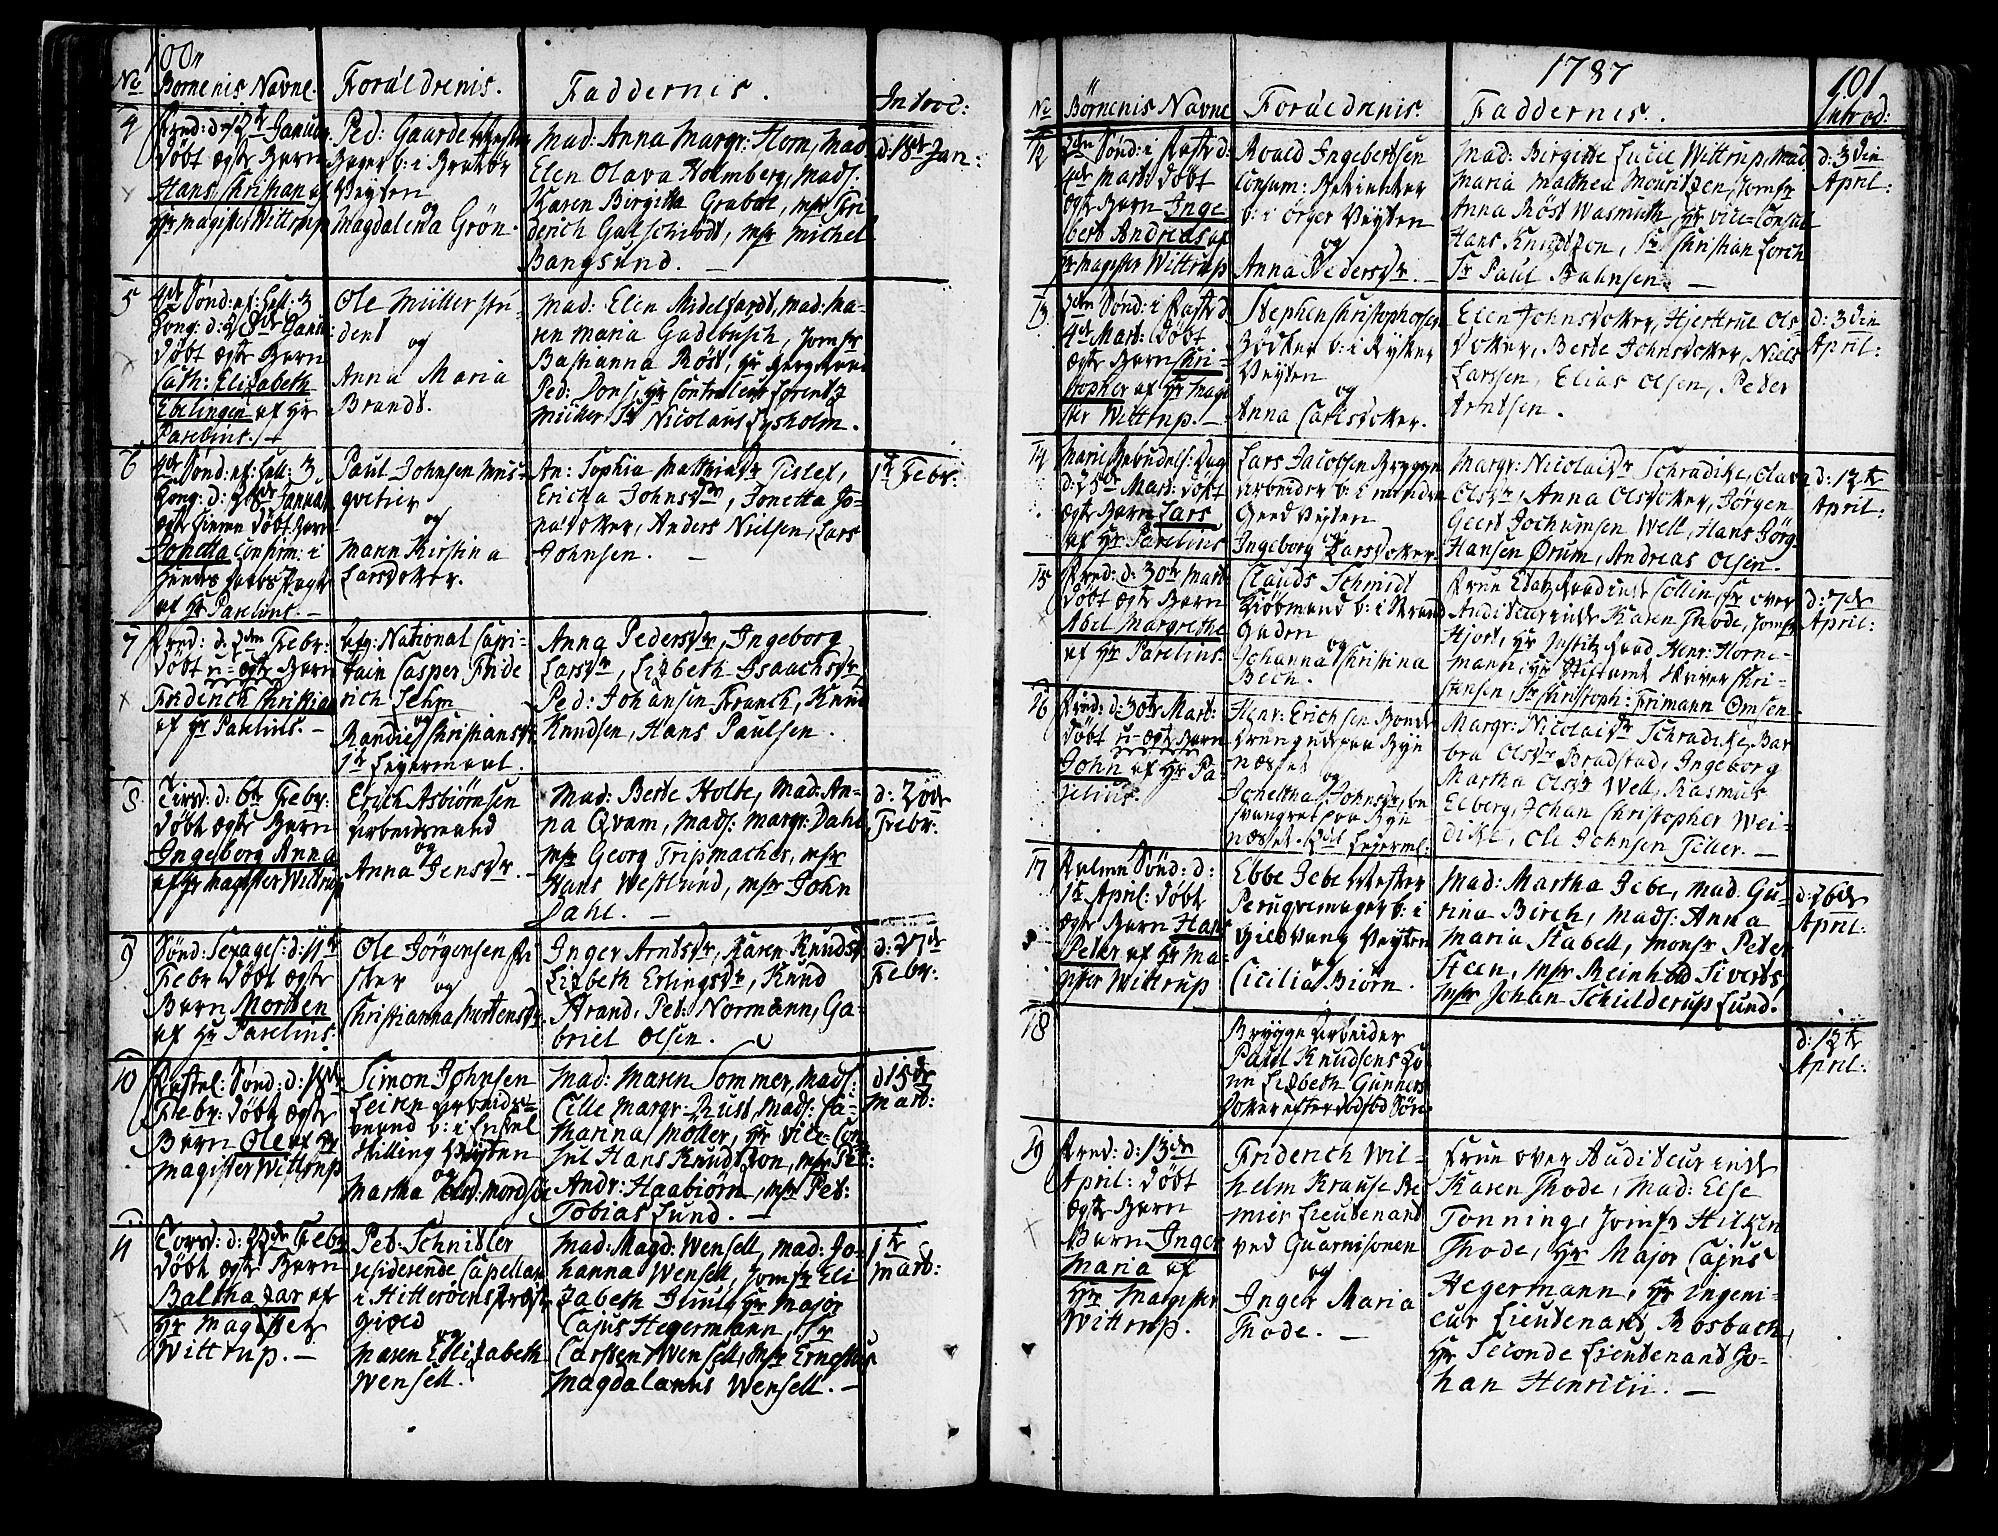 SAT, Ministerialprotokoller, klokkerbøker og fødselsregistre - Sør-Trøndelag, 602/L0104: Ministerialbok nr. 602A02, 1774-1814, s. 100-101